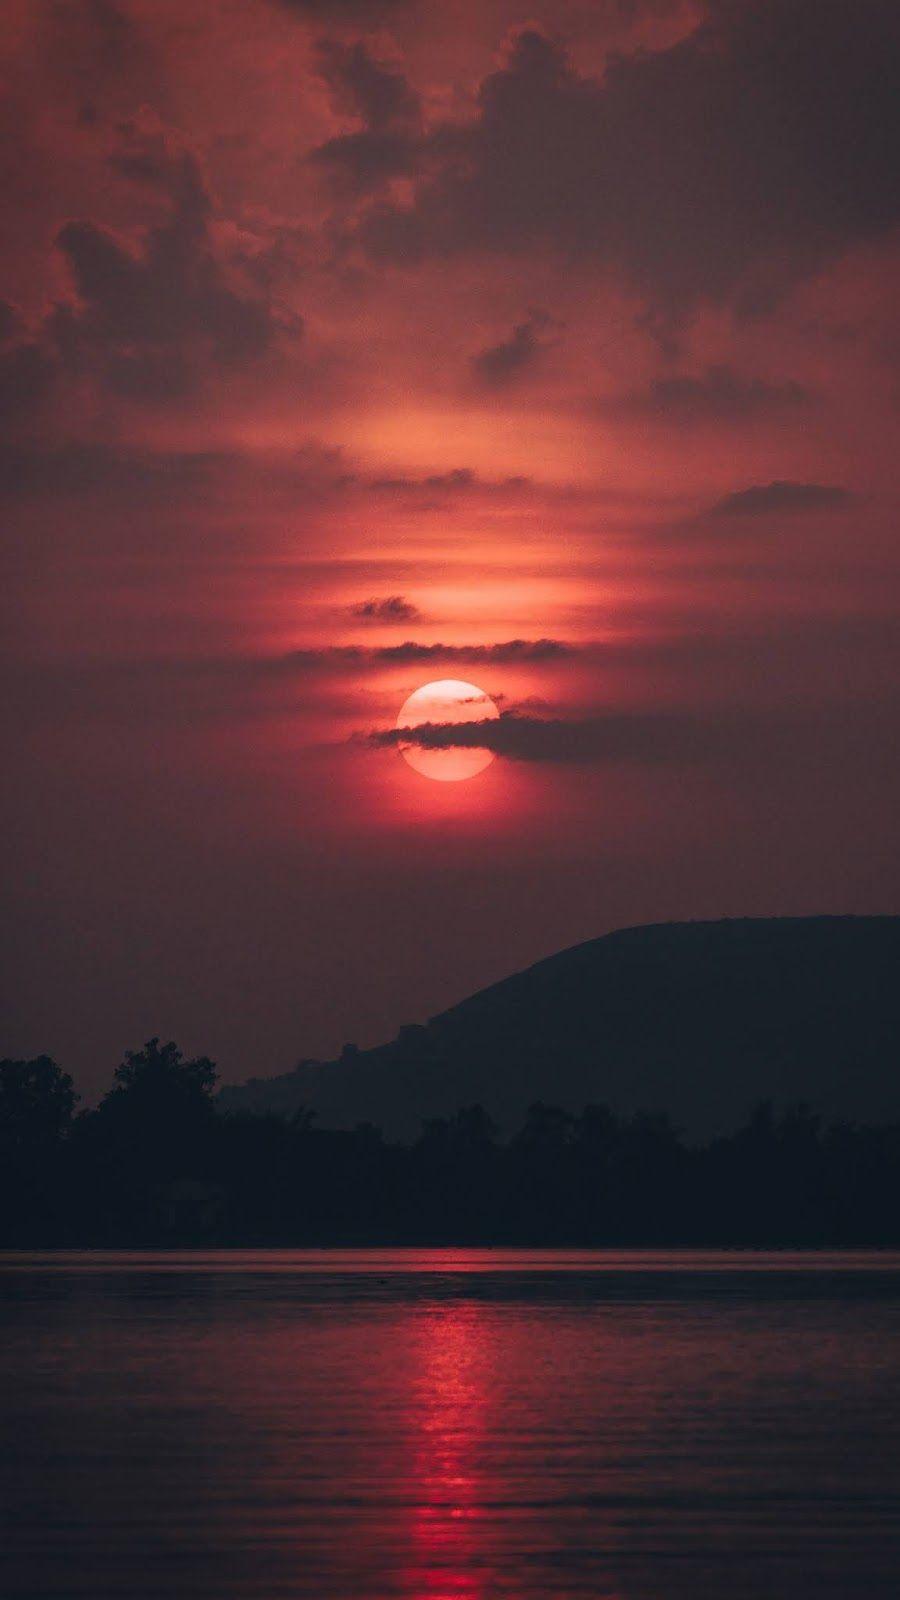 Sunset Before The Night Sunset Wallpaper Sunset Landscape Sky Aesthetic